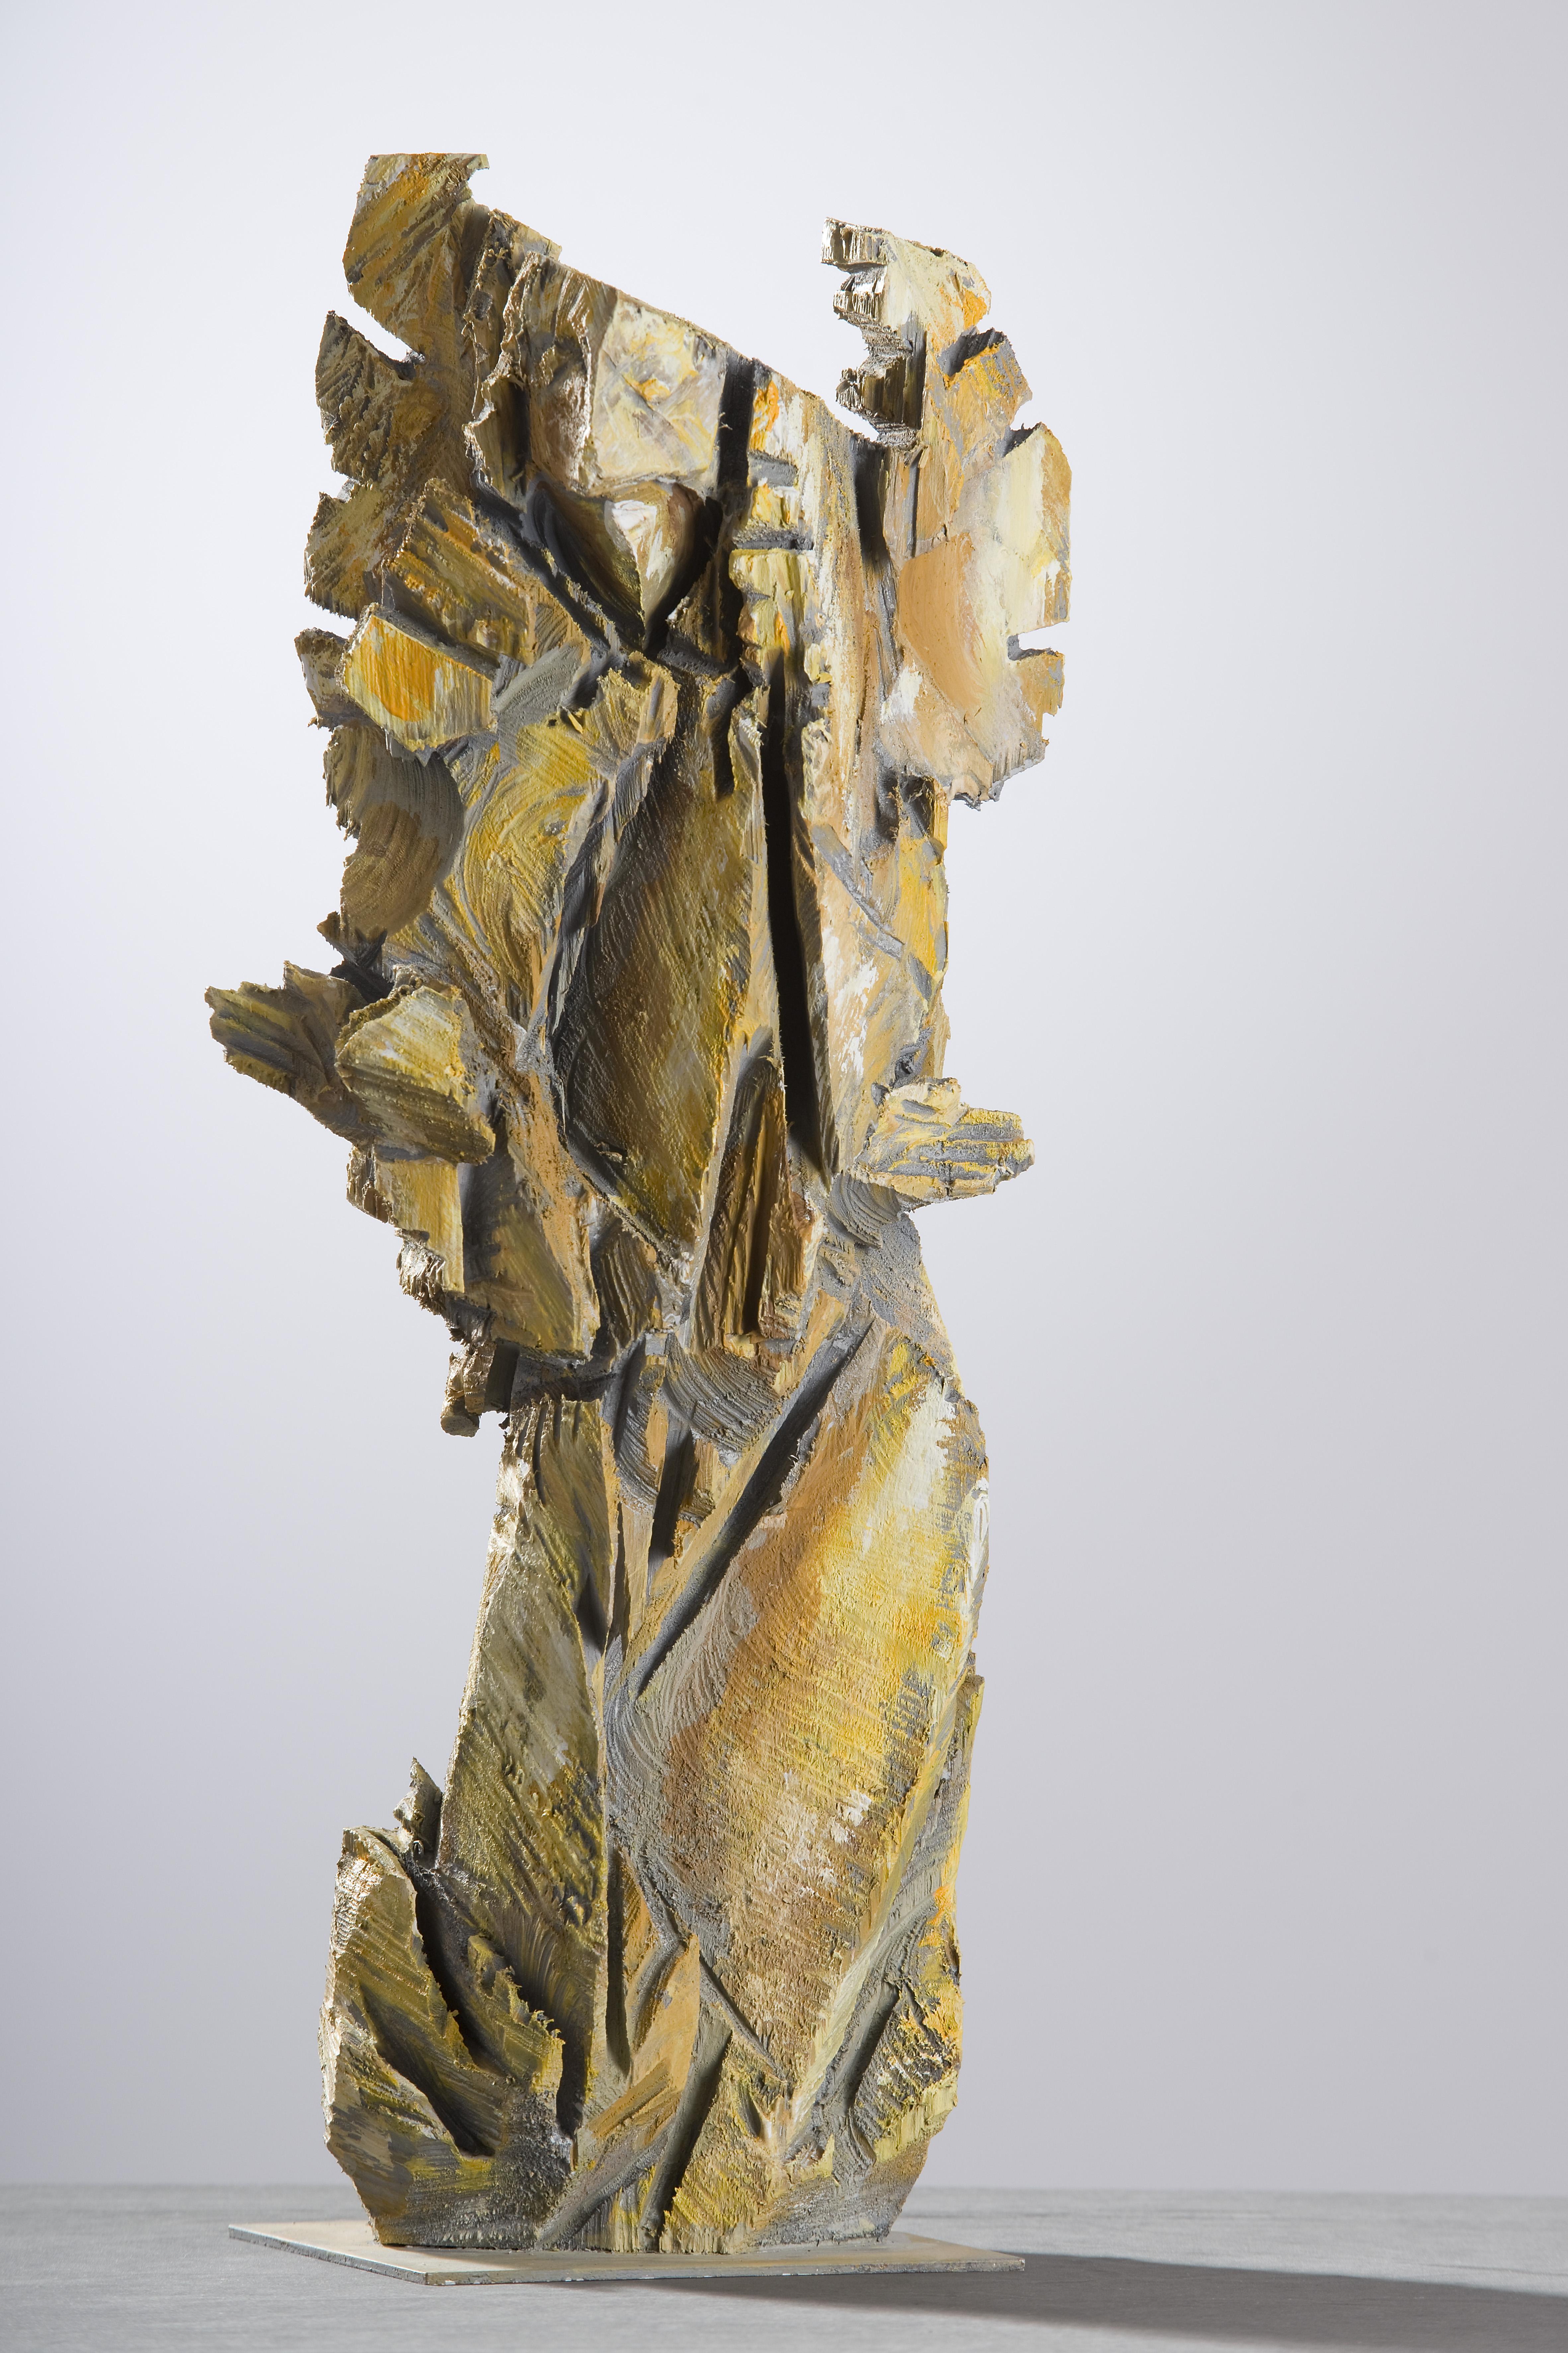 Fasching lois angel of light kompatscher brixen galerie